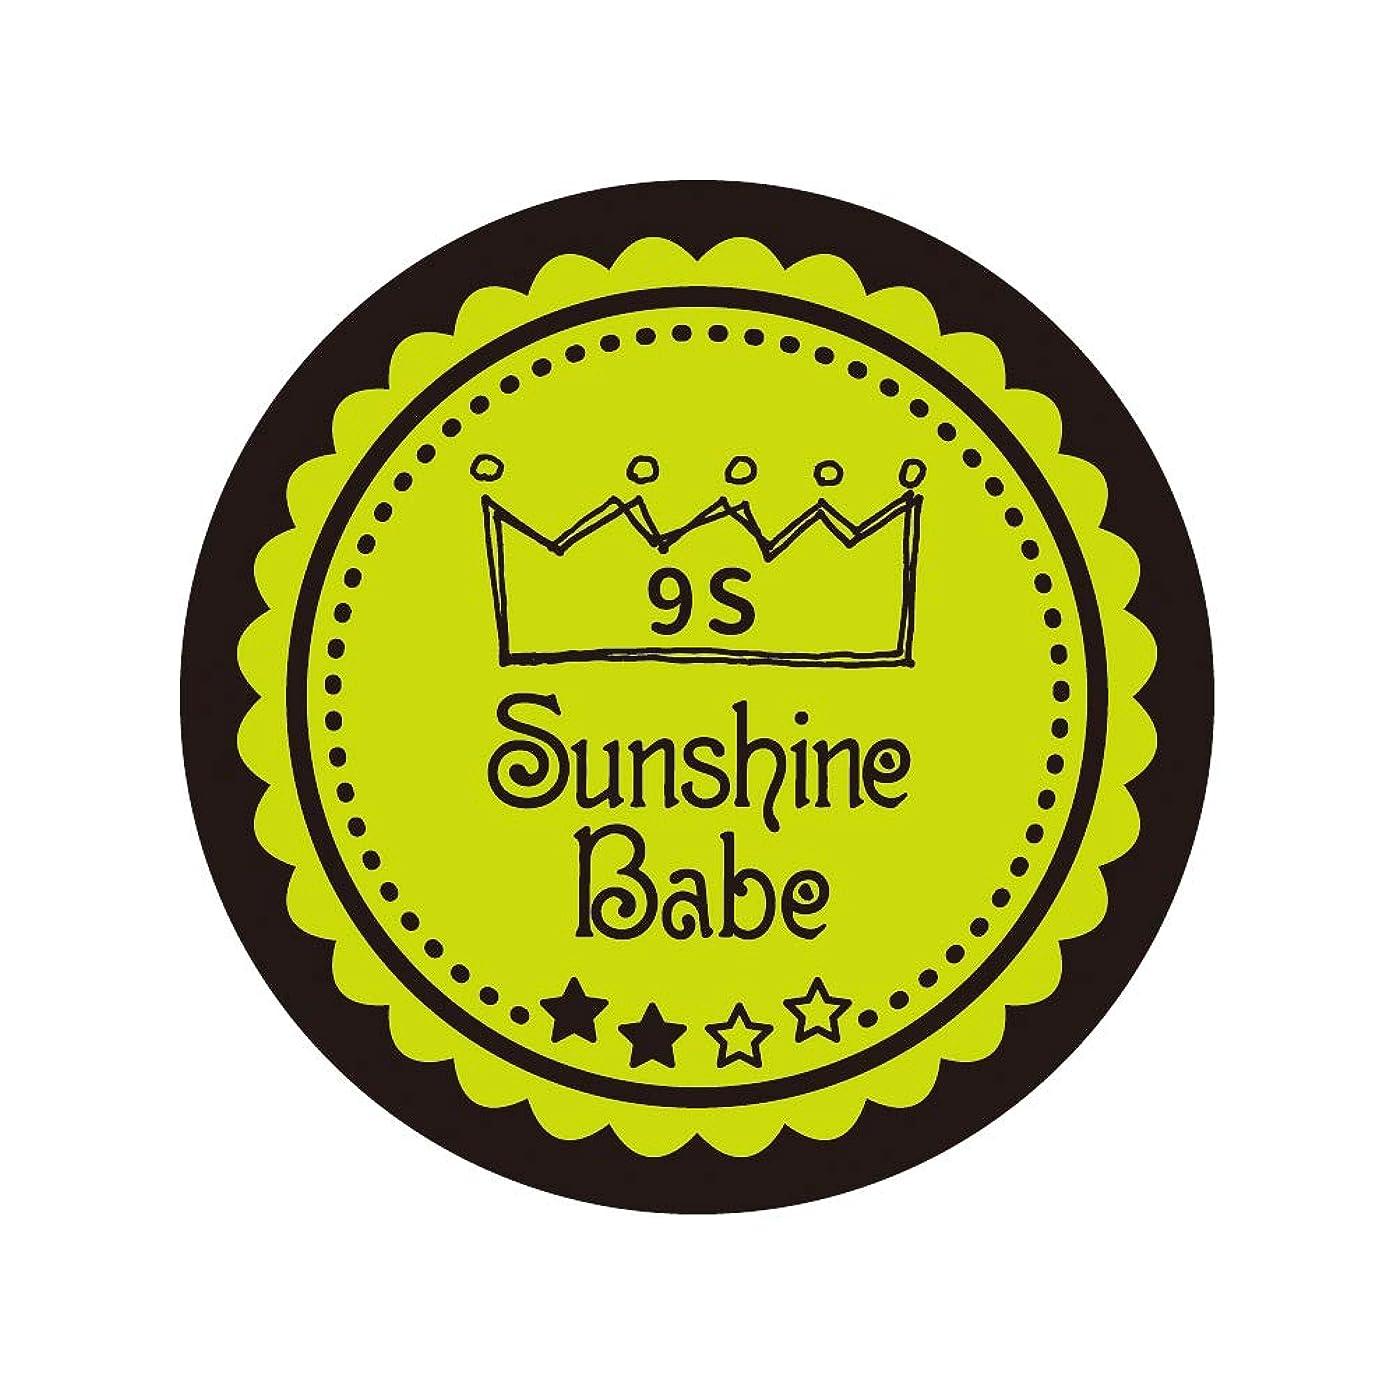 研磨剤フルーティー優しいSunshine Babe カラージェル 9S ライムパンチ 2.7g UV/LED対応